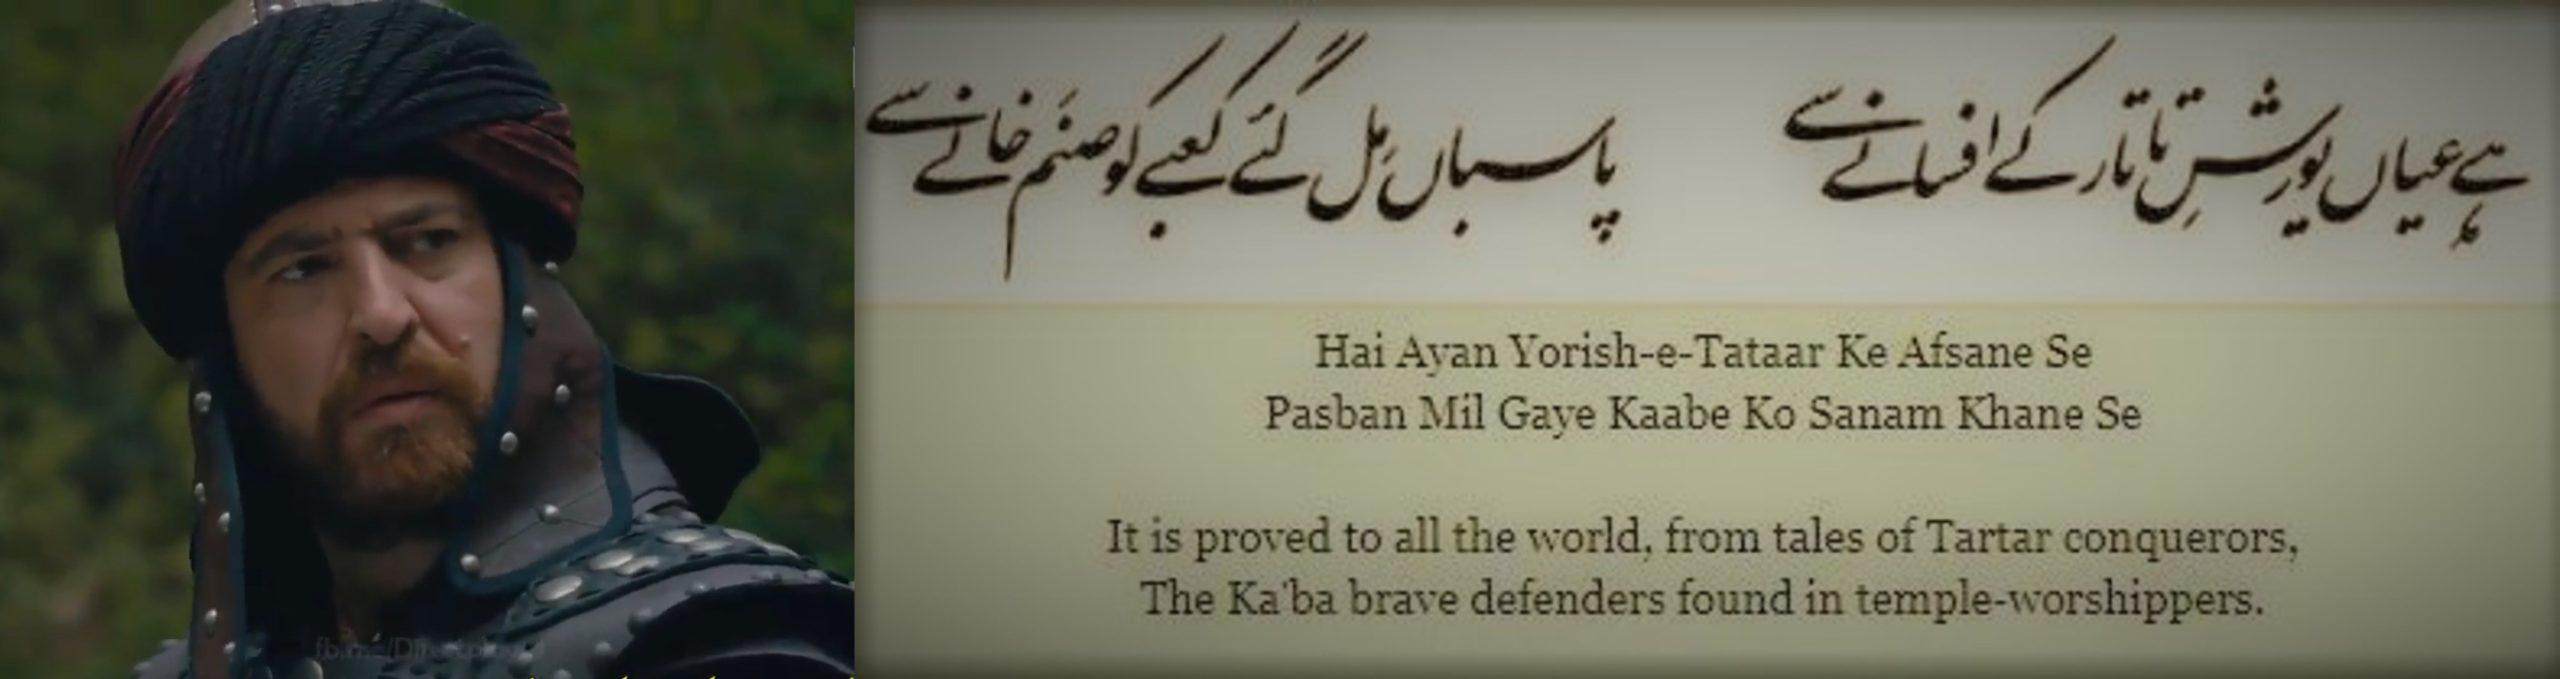 Savior of Muslims